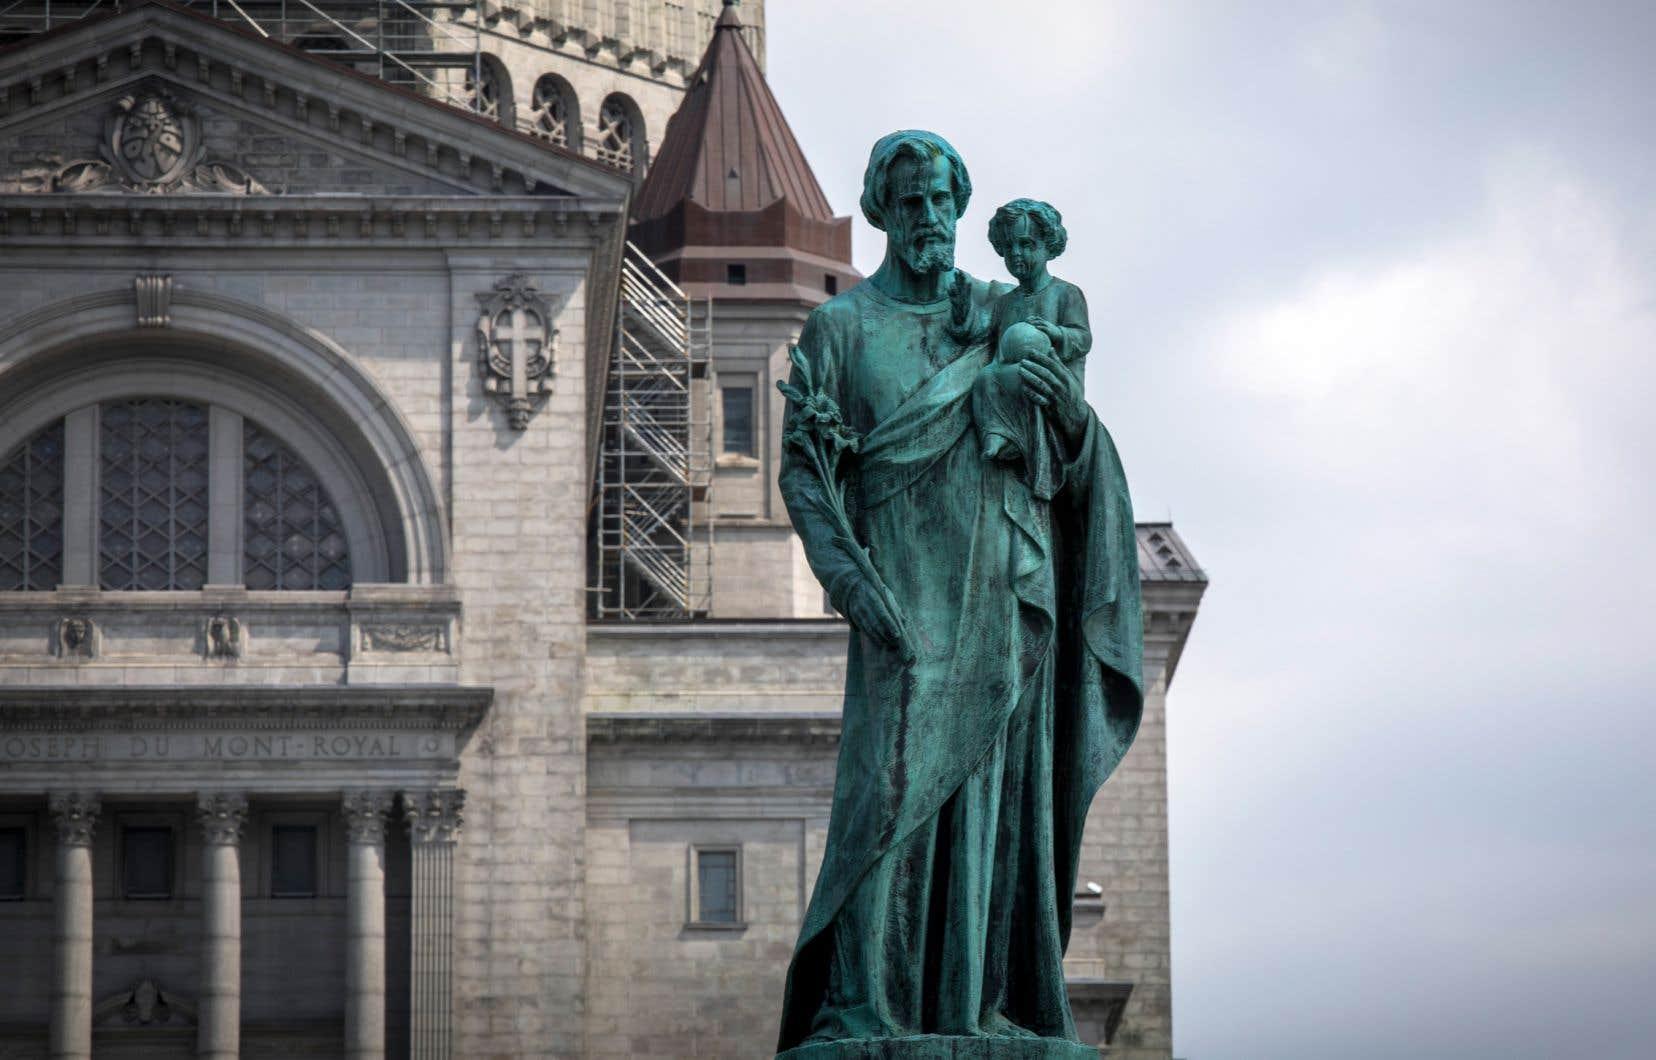 Pour enfin lever le voile sur ces décennies d'abus commis à l'intérieur de l'Église catholique, la tenue d'une enquête publique ne devient-elle pas indispensable?